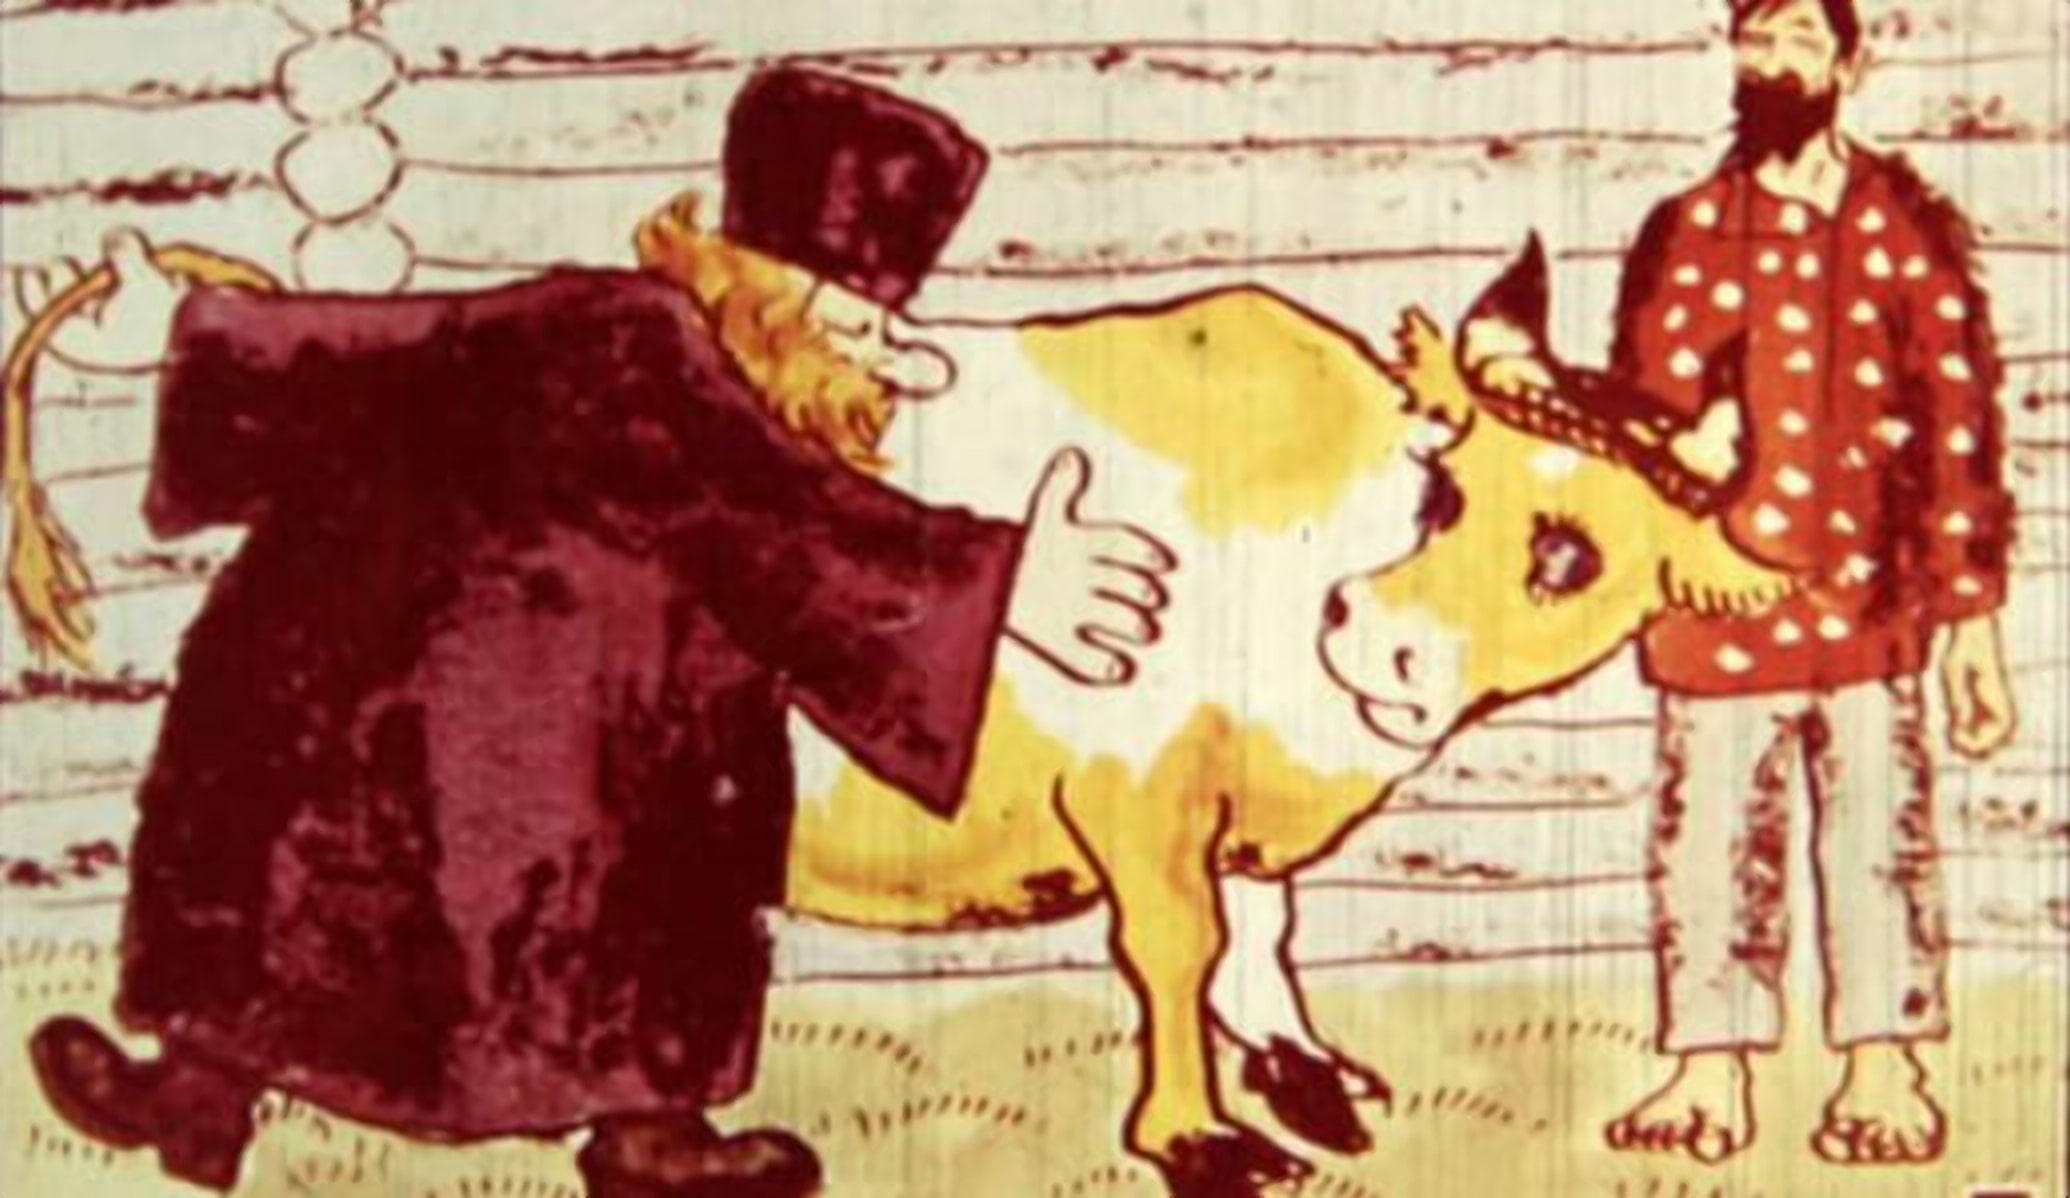 Поп - отрицательный персонаж белорусских сказок